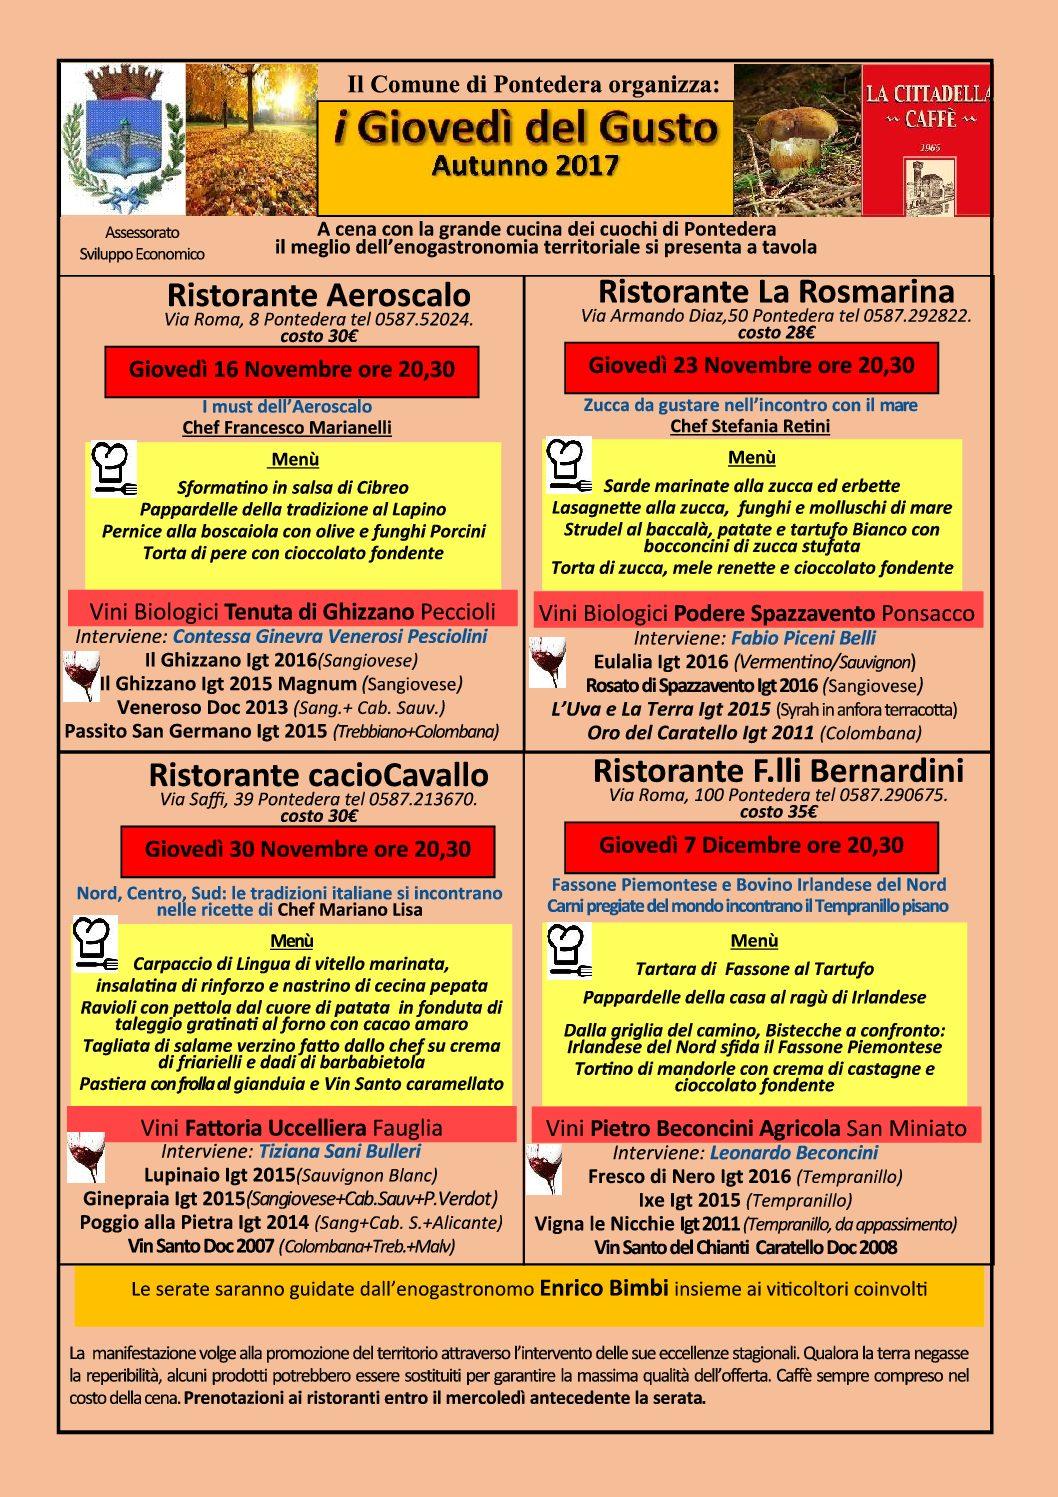 i Giovedì del Gusto autunno 2017 il programma 16-11 Aeroscalo 23-11 La Rosmarina 30-11 caciocavallo 7-12 Fratelli Bernardini